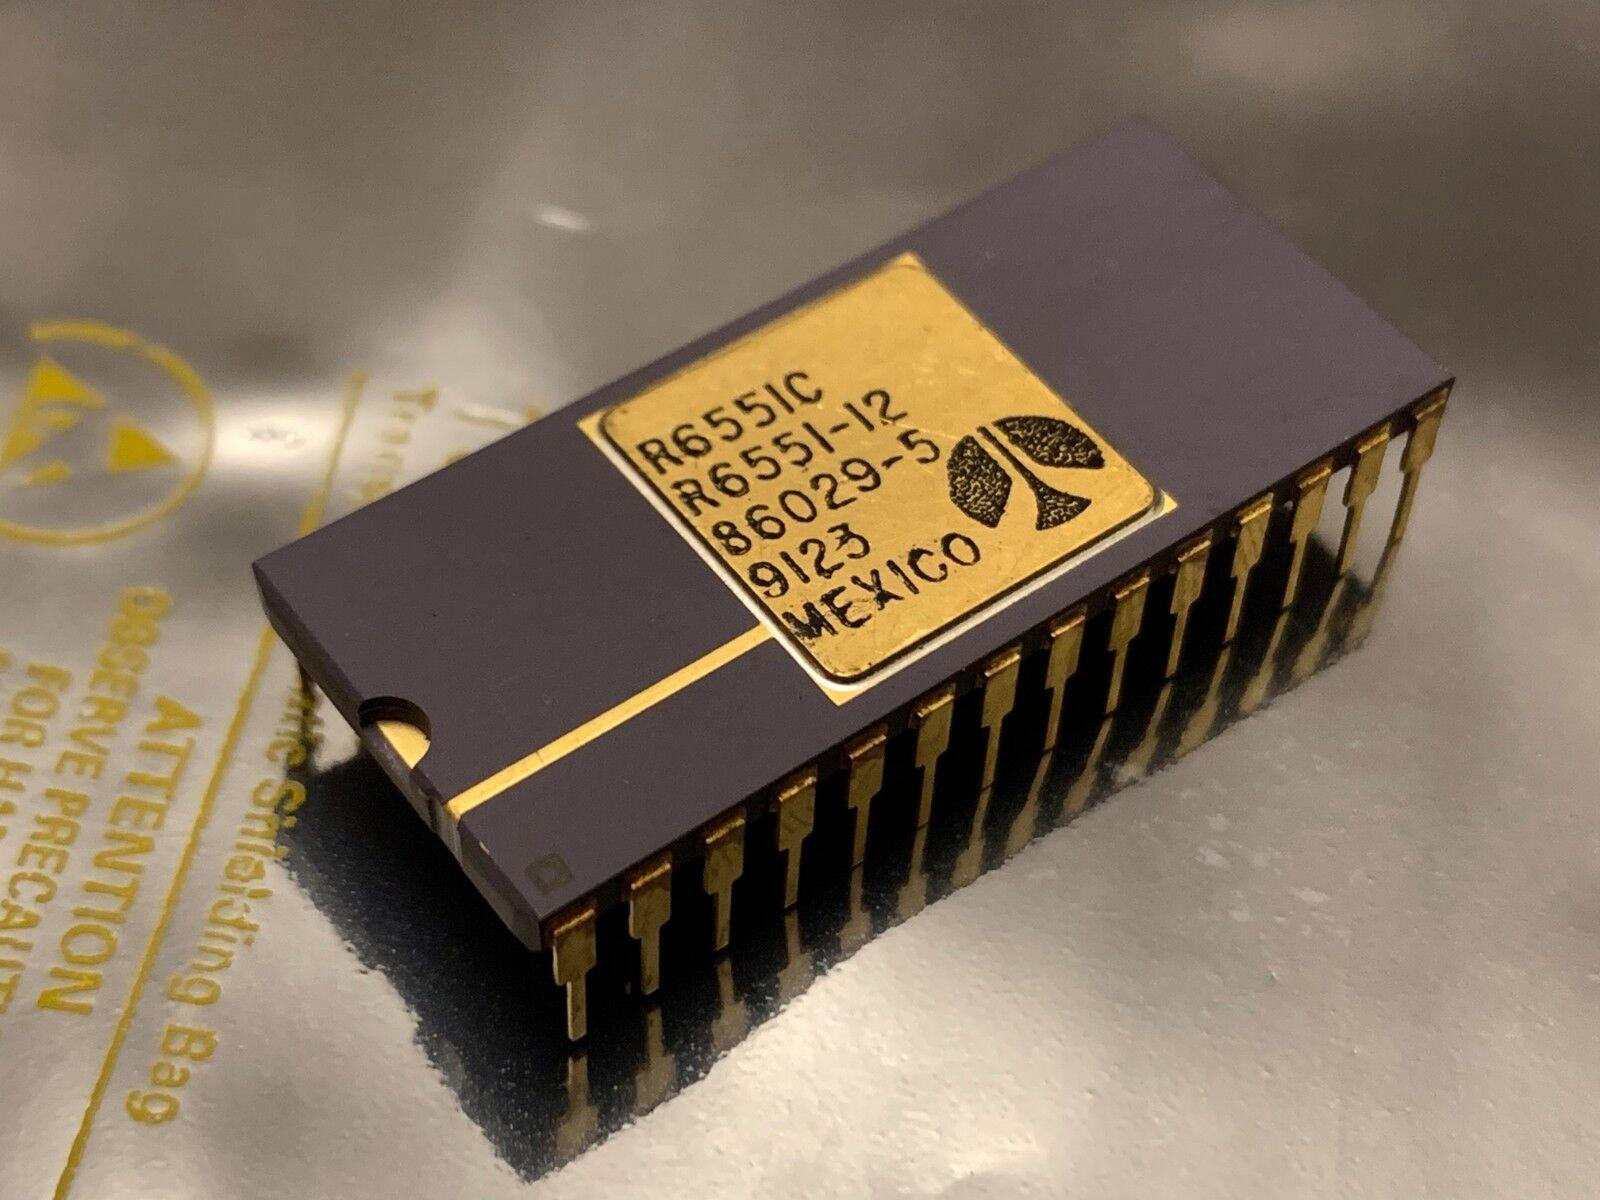 Old Vintage IC Chip Ceramic DIP 28 Gold Pins R6551 R6551-12 65c51 Serial Ctrl